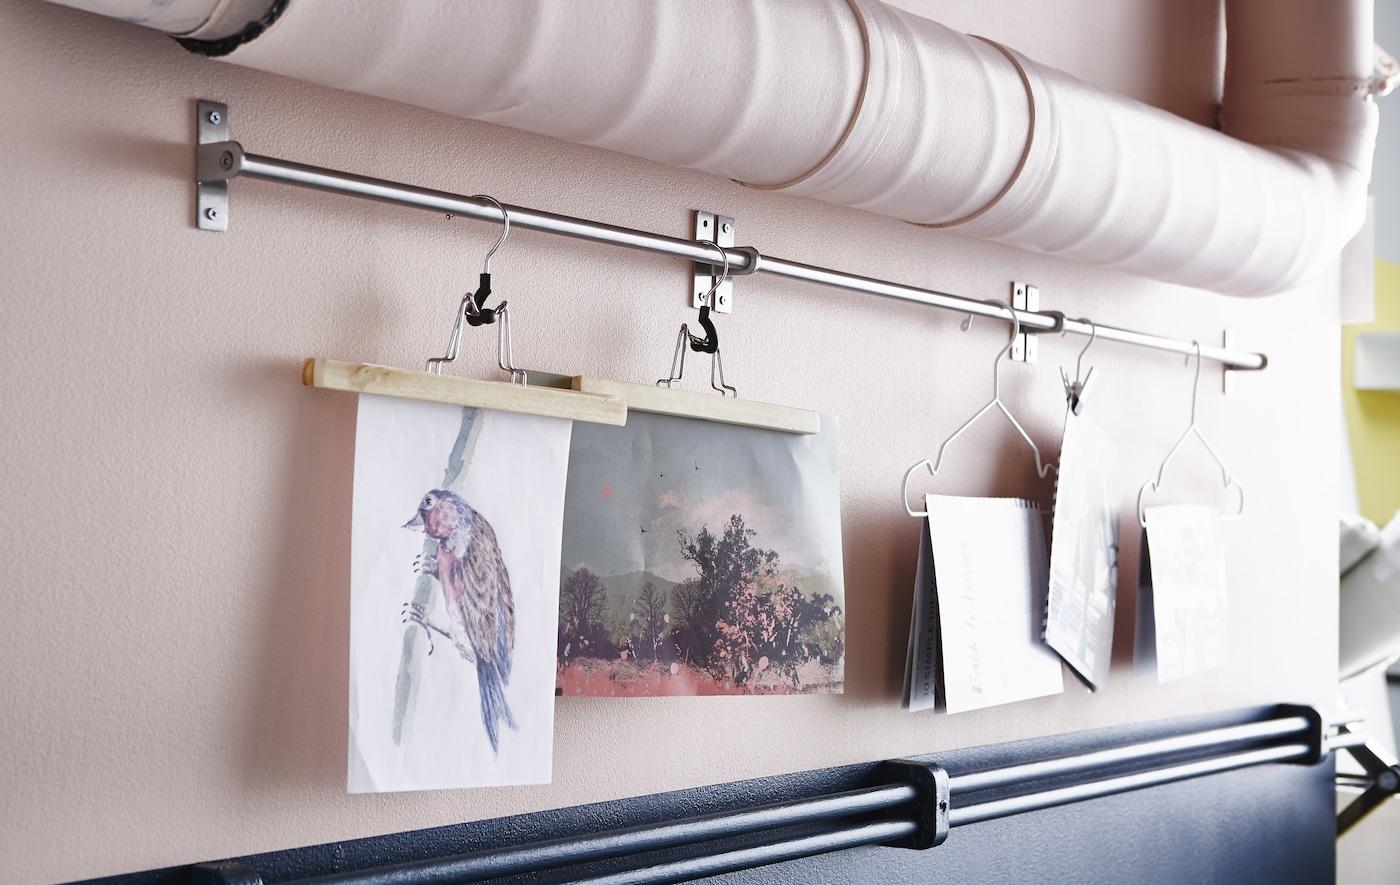 Nahaufnahme einer Stange zwischen zwei Rohren, an denen Kleiderbügel mit Zeichnungen befestigt sind.